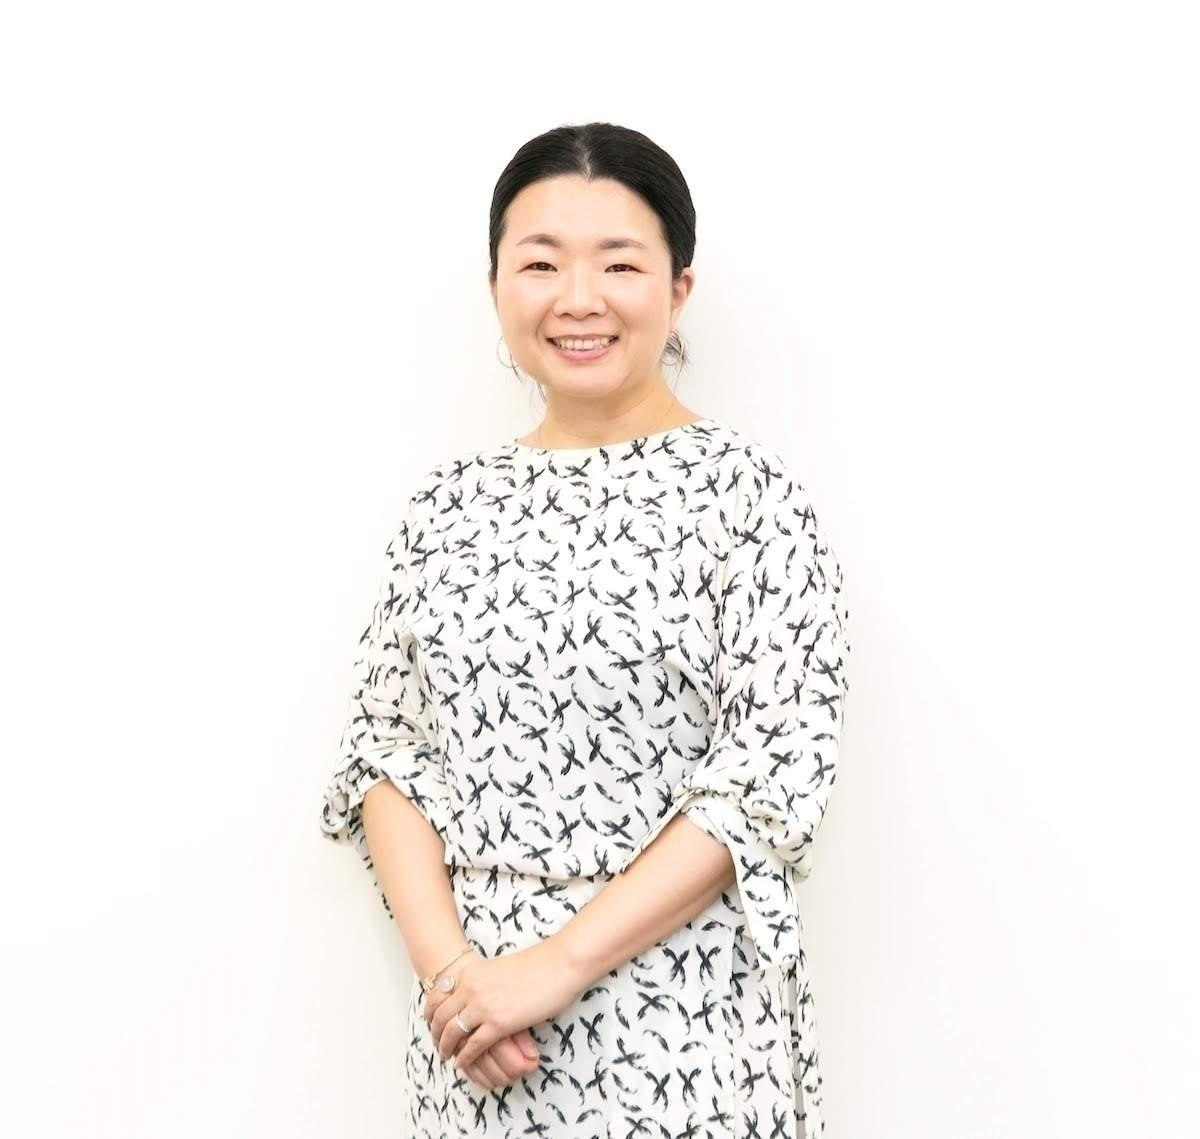 笹倉 香奈(Sasakura Kana)